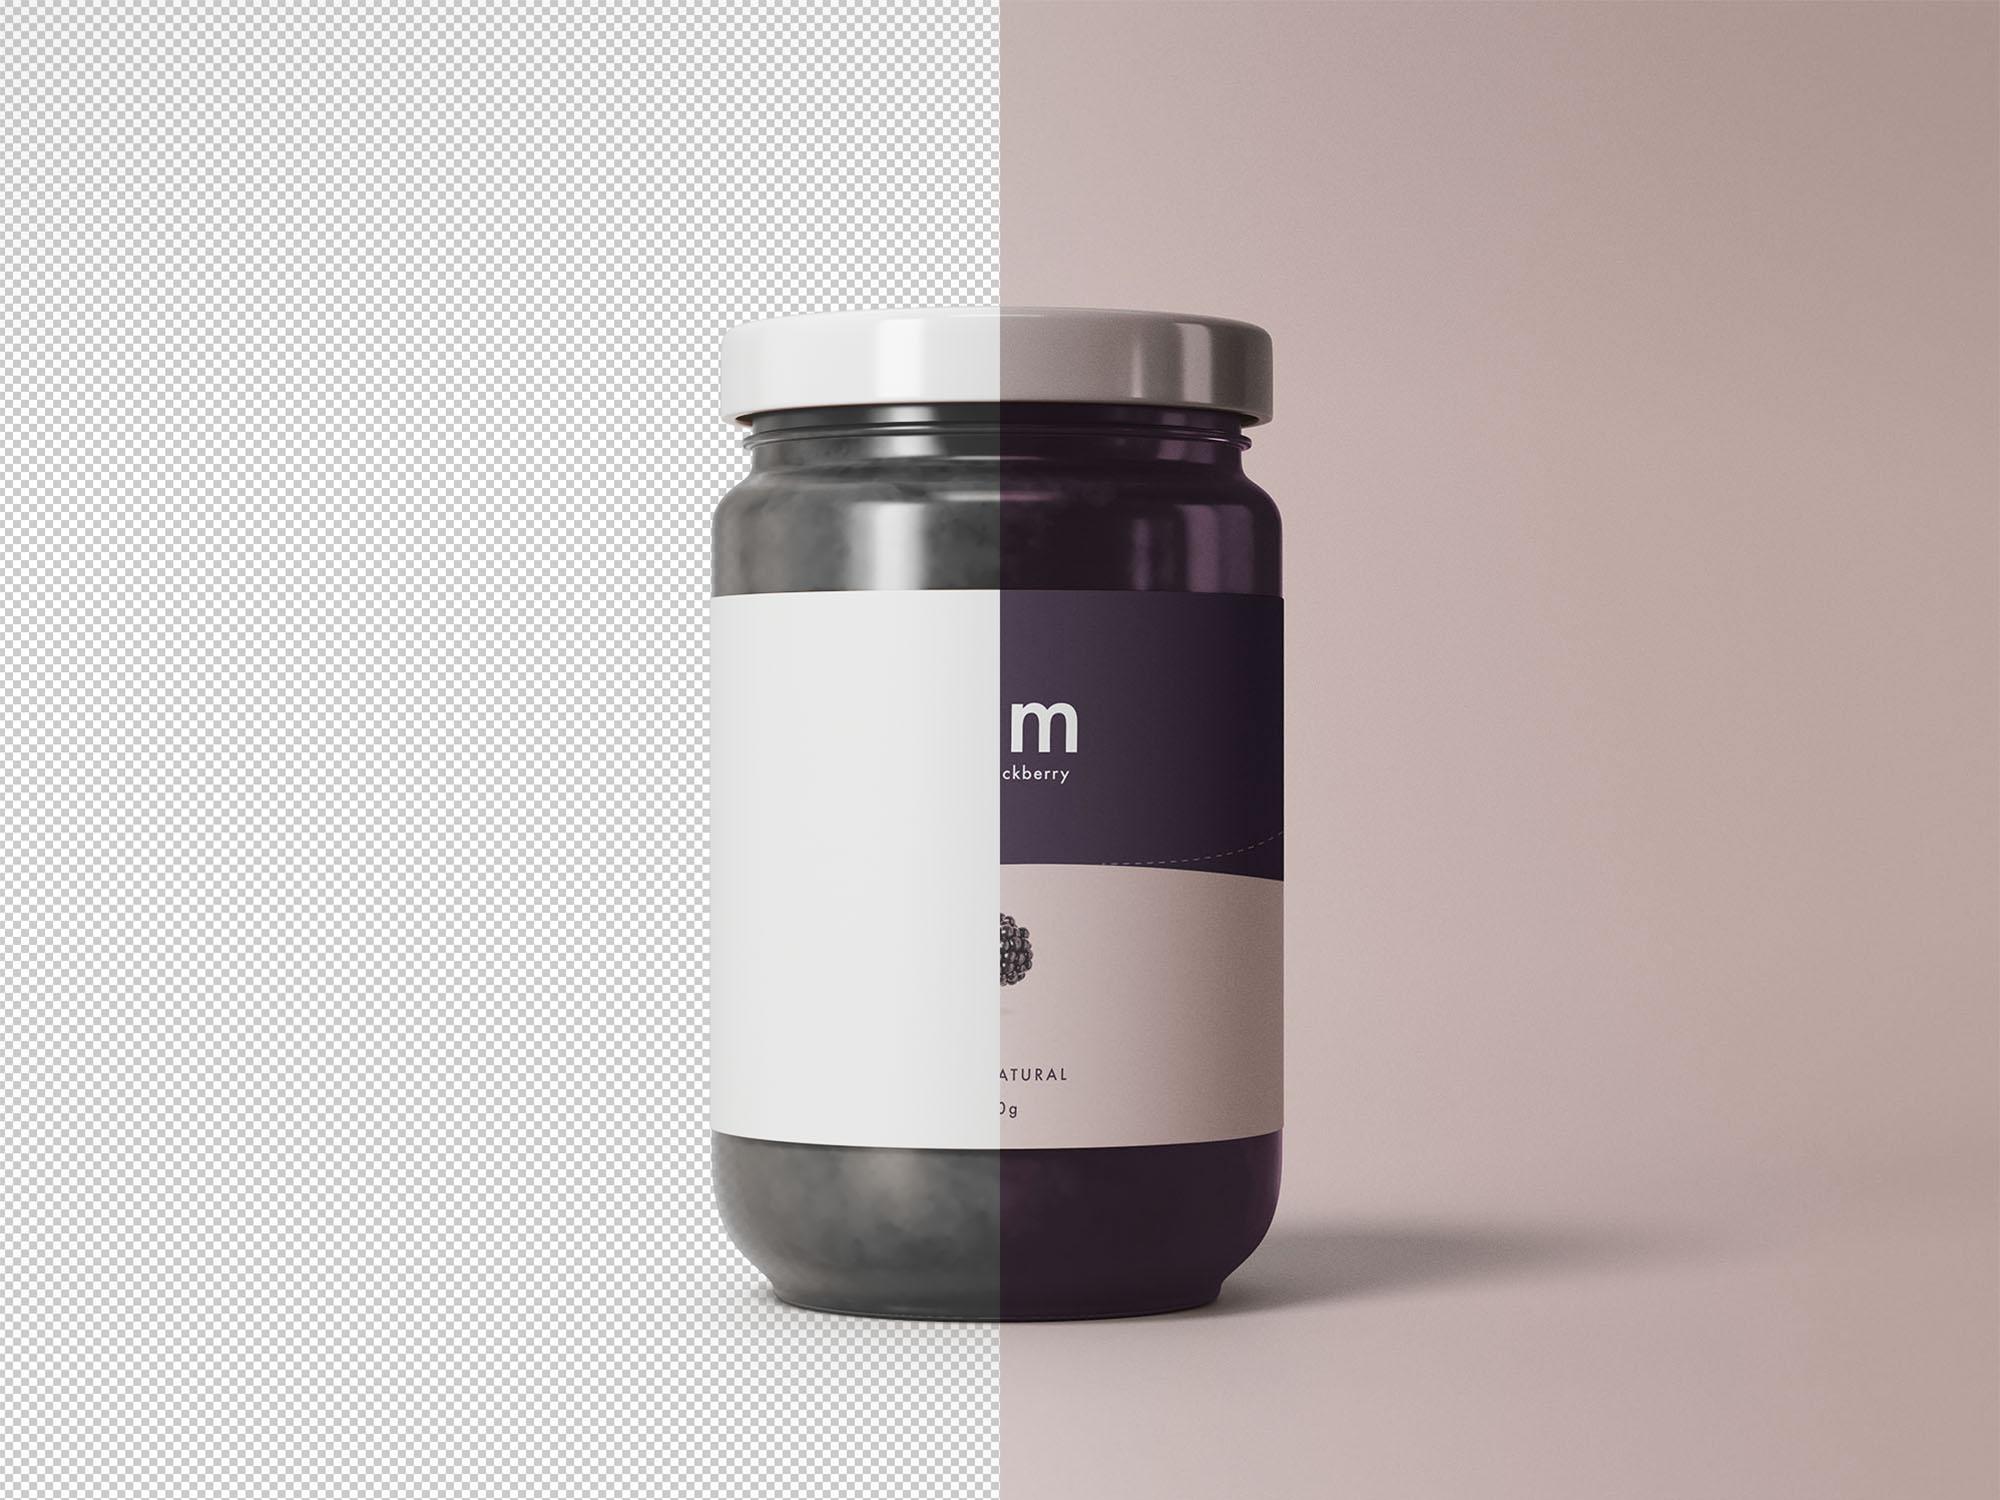 Jam Jar Mockup PSD